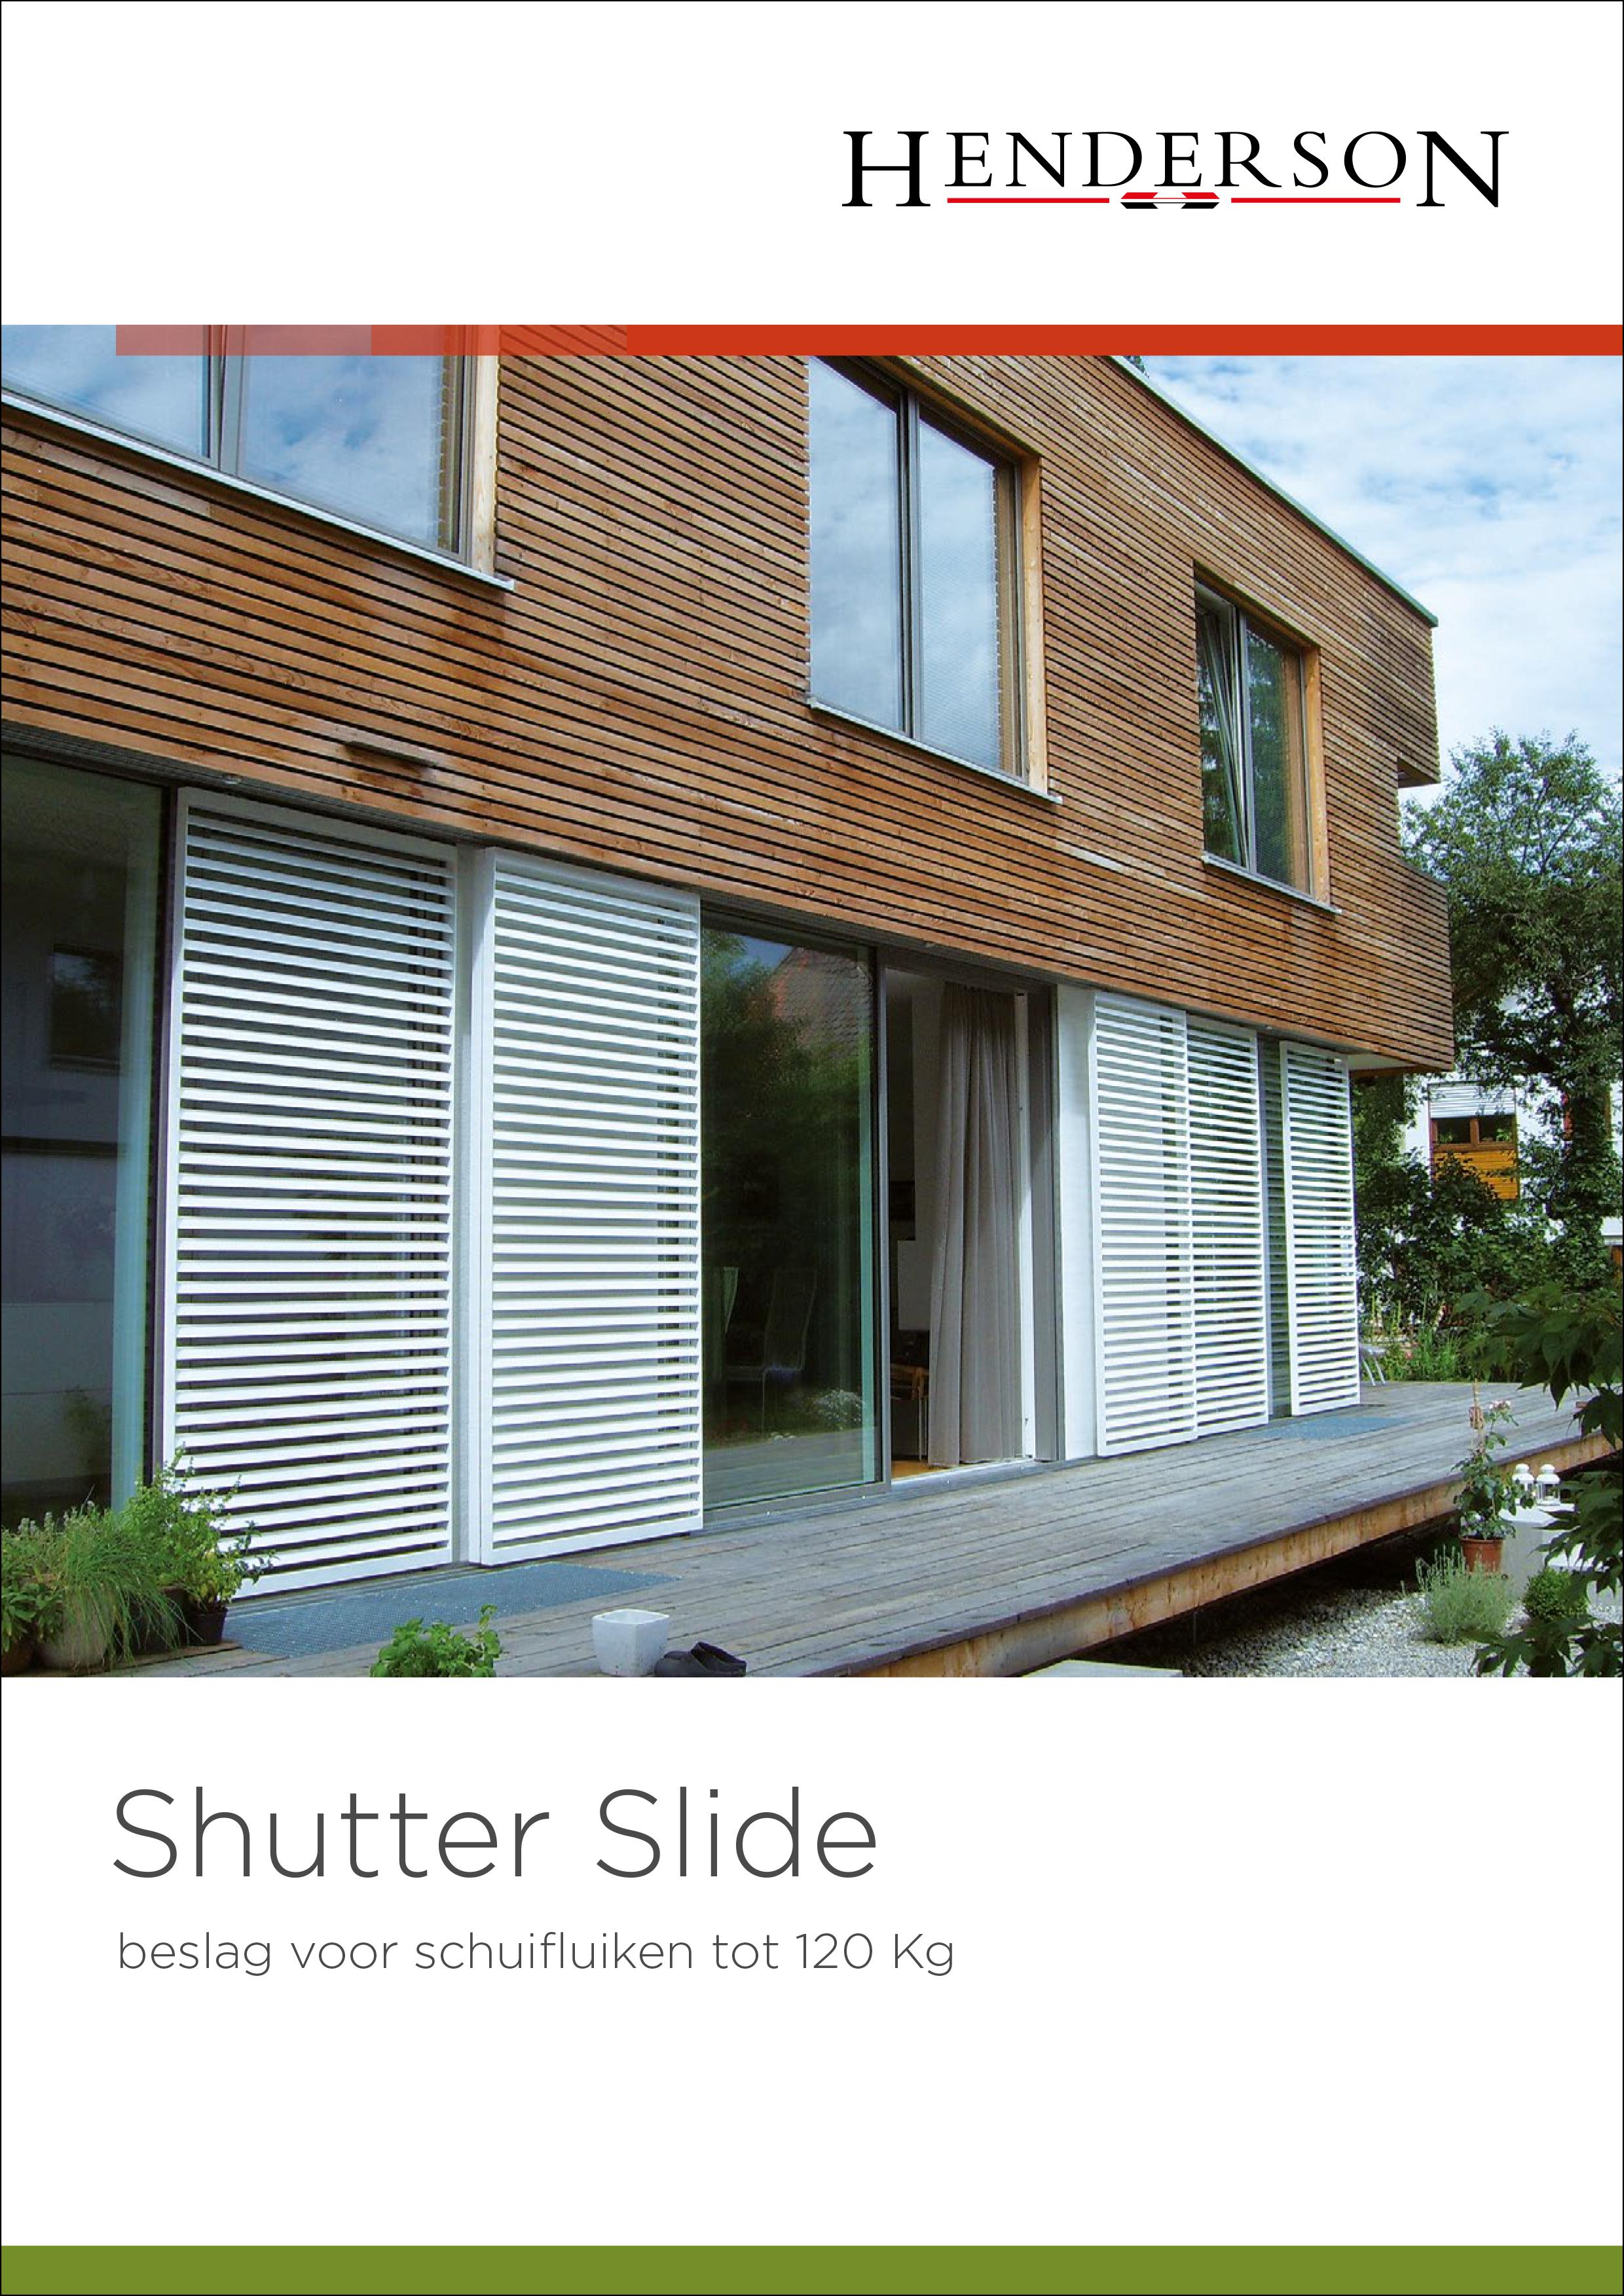 Brochure - Shutter Slide Brochure